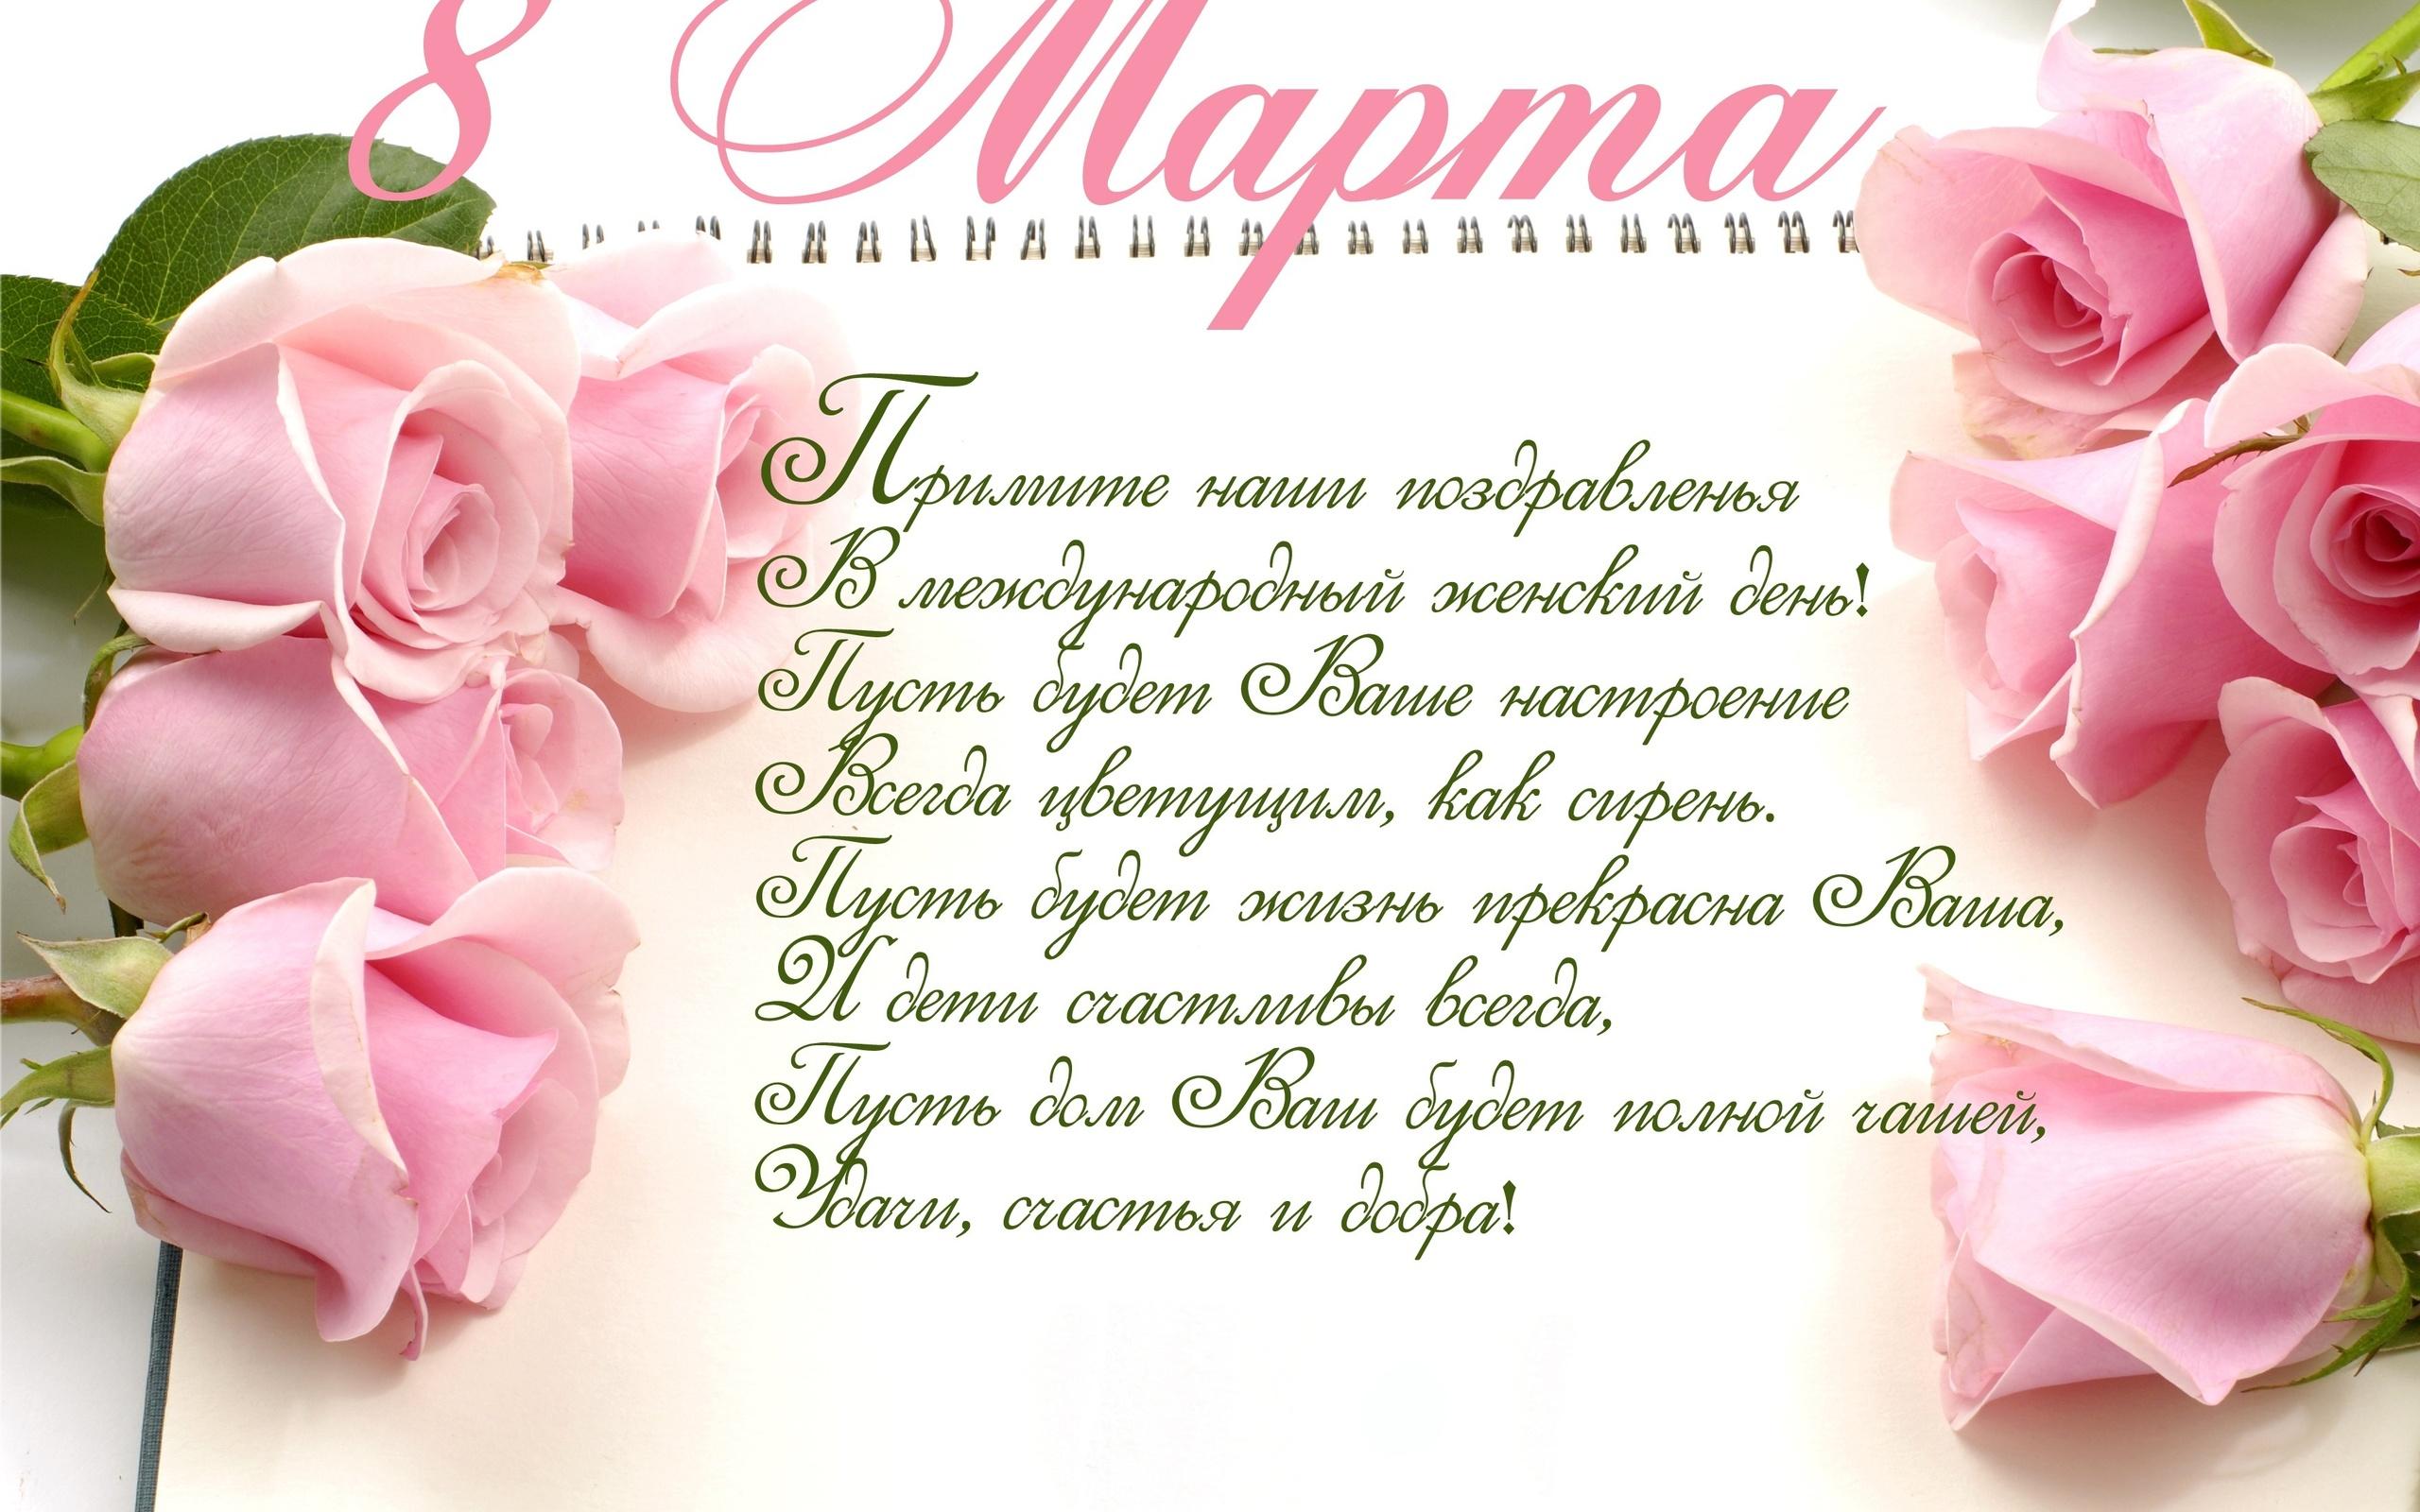 Красивые картинки для поздравления 8 марта